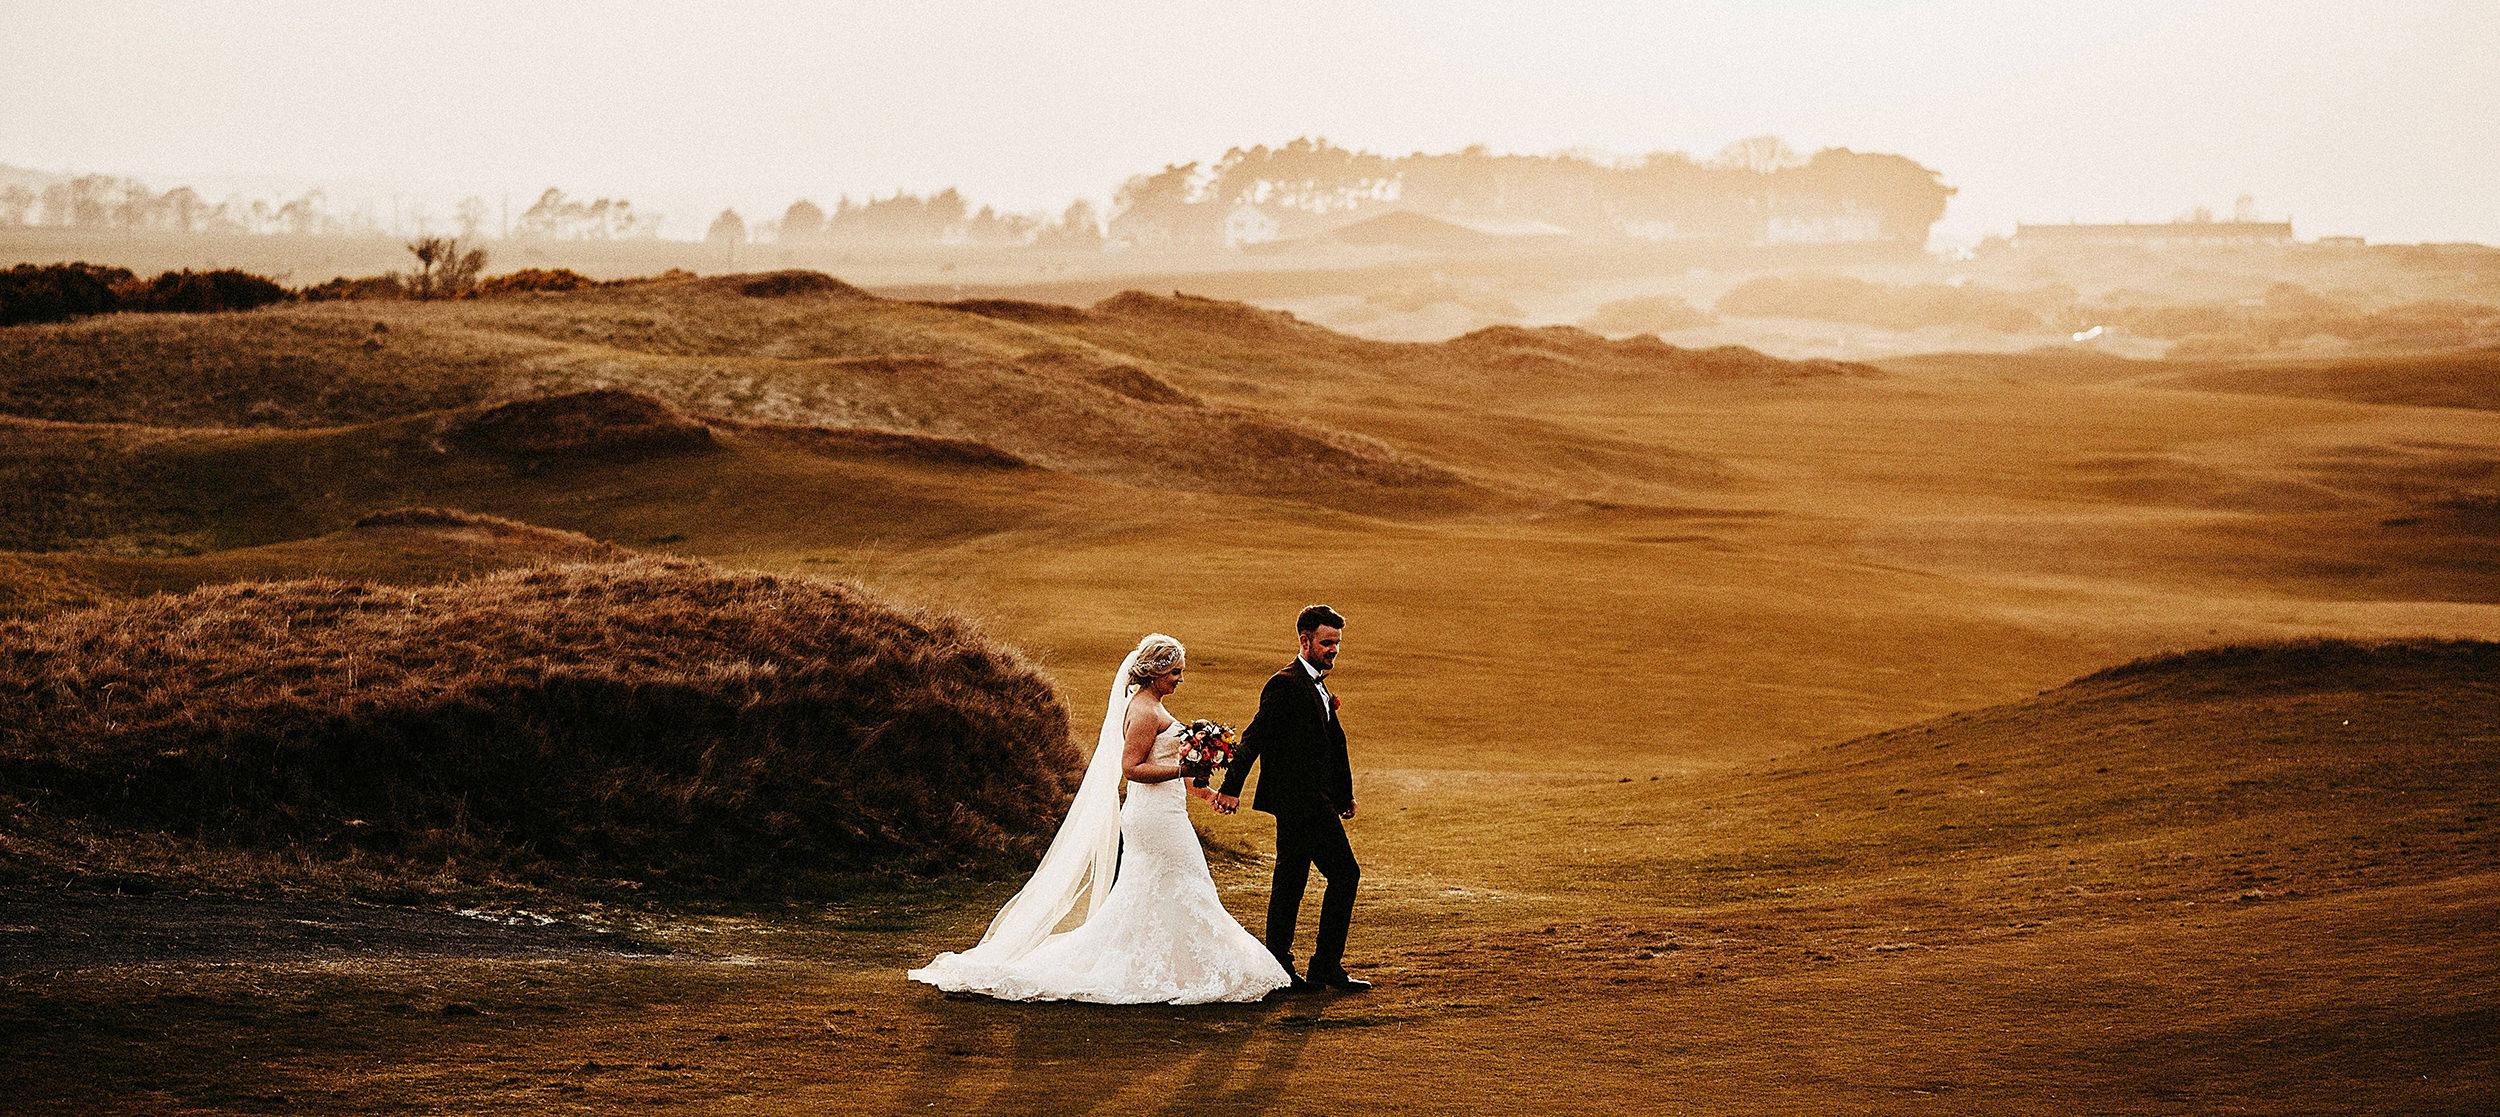 Kinkell Byre Wedding Photography - Kerry & Luke 2